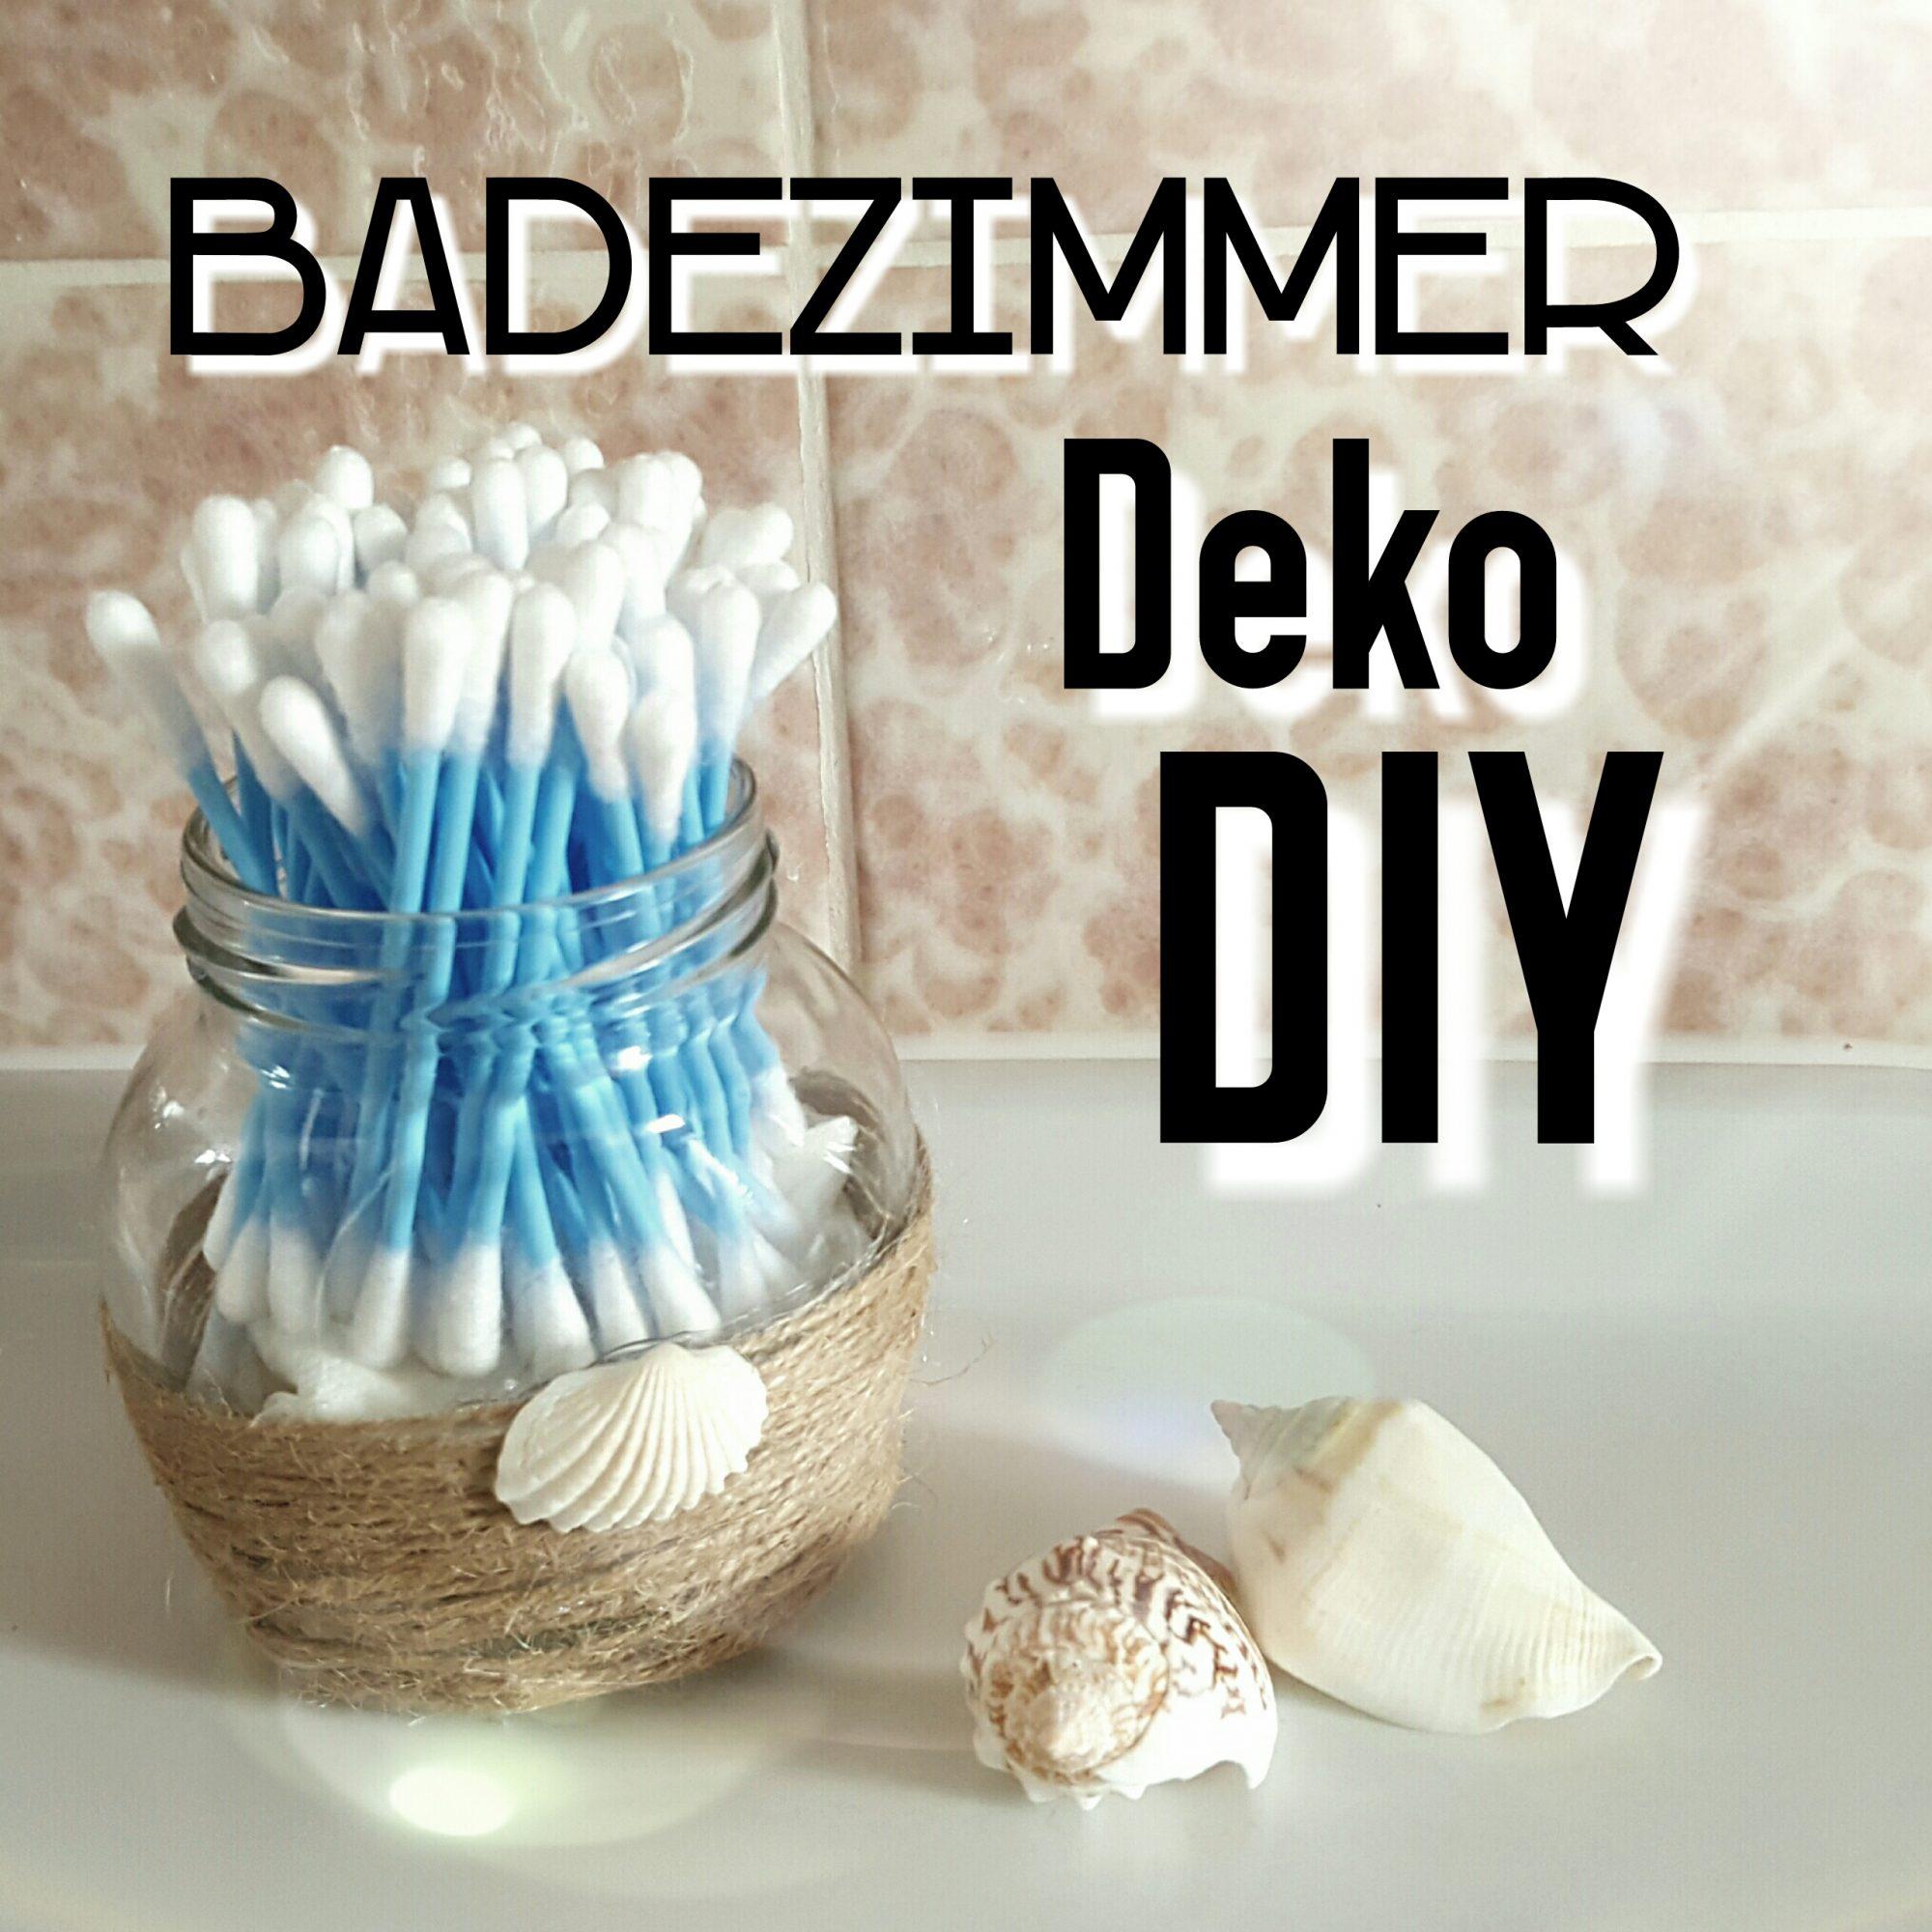 Badezimmer Deko DIY